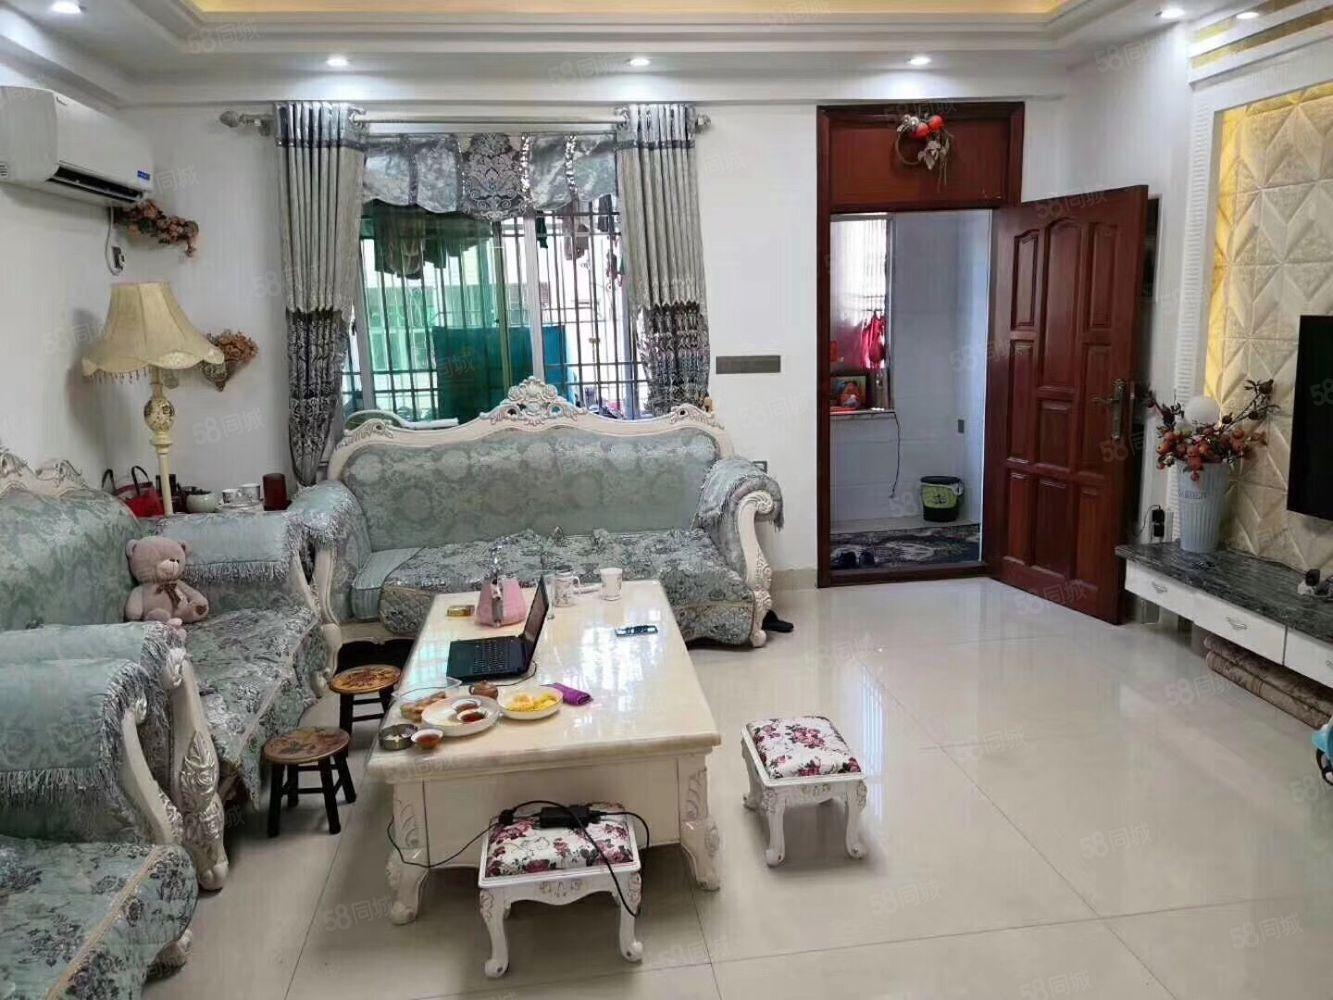 金�|方1012期3��120平方4房2�d2�l��全部家具